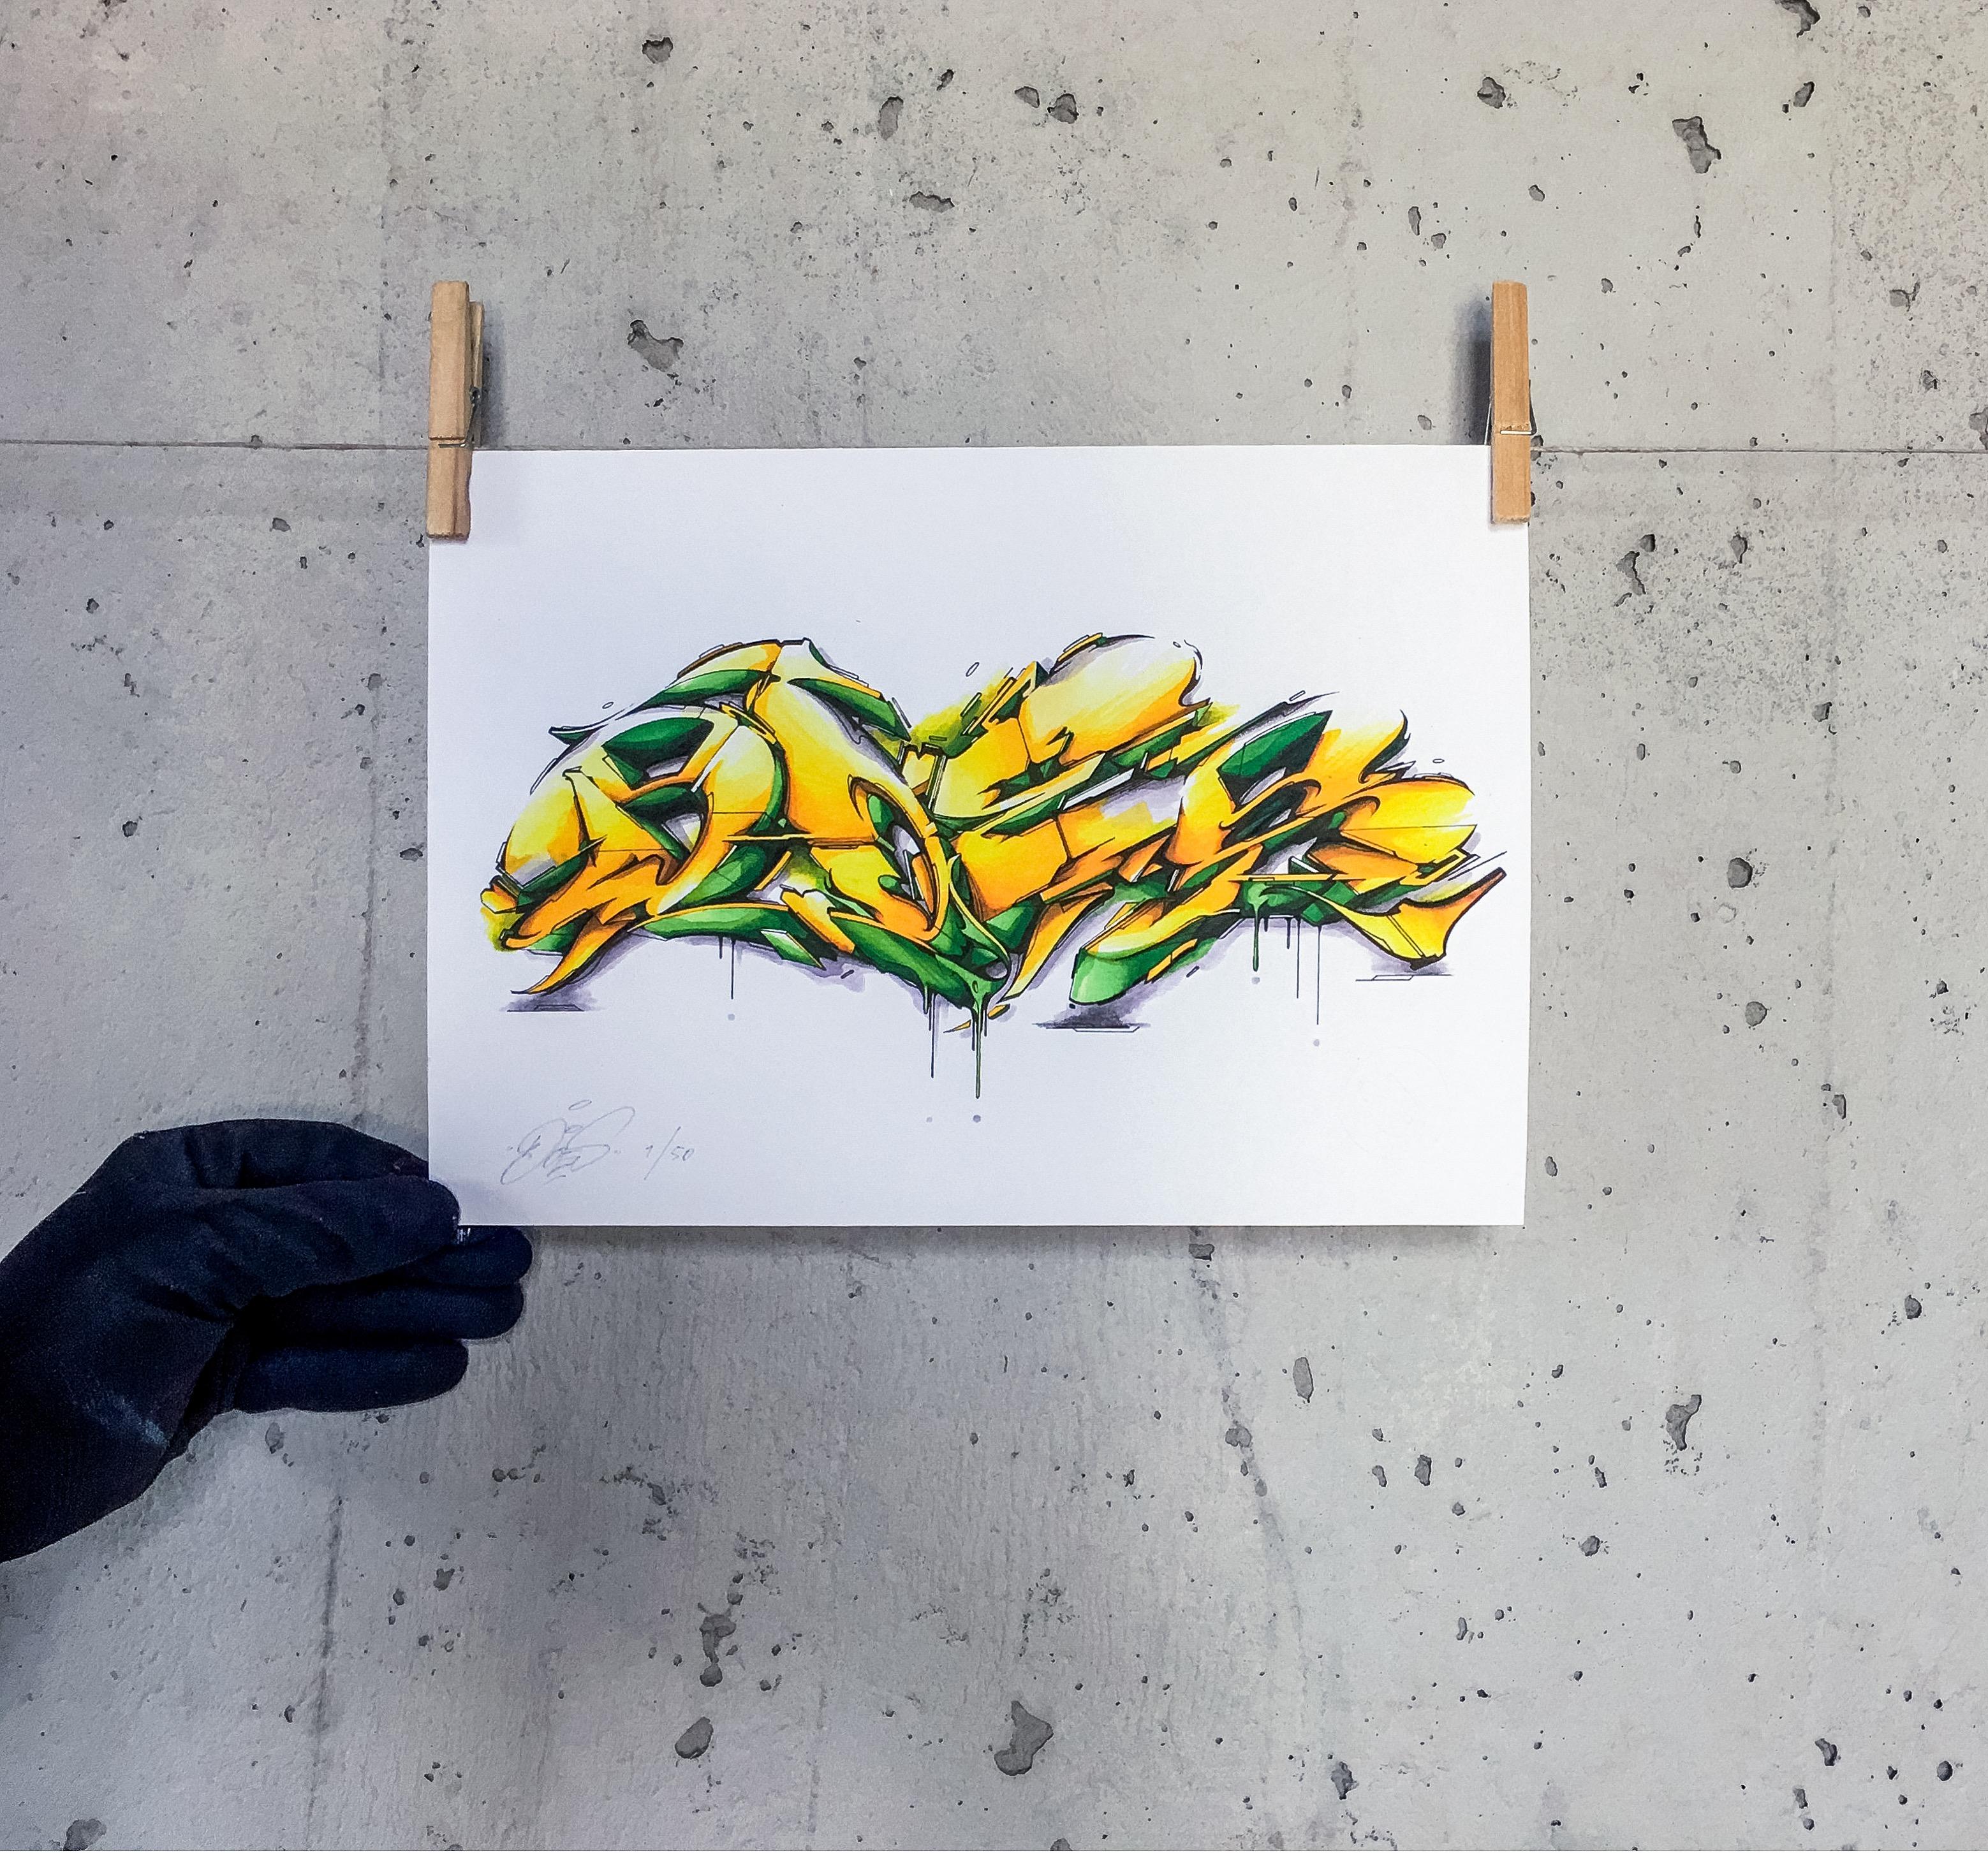 A work by Does - bewerkt 1-smaller